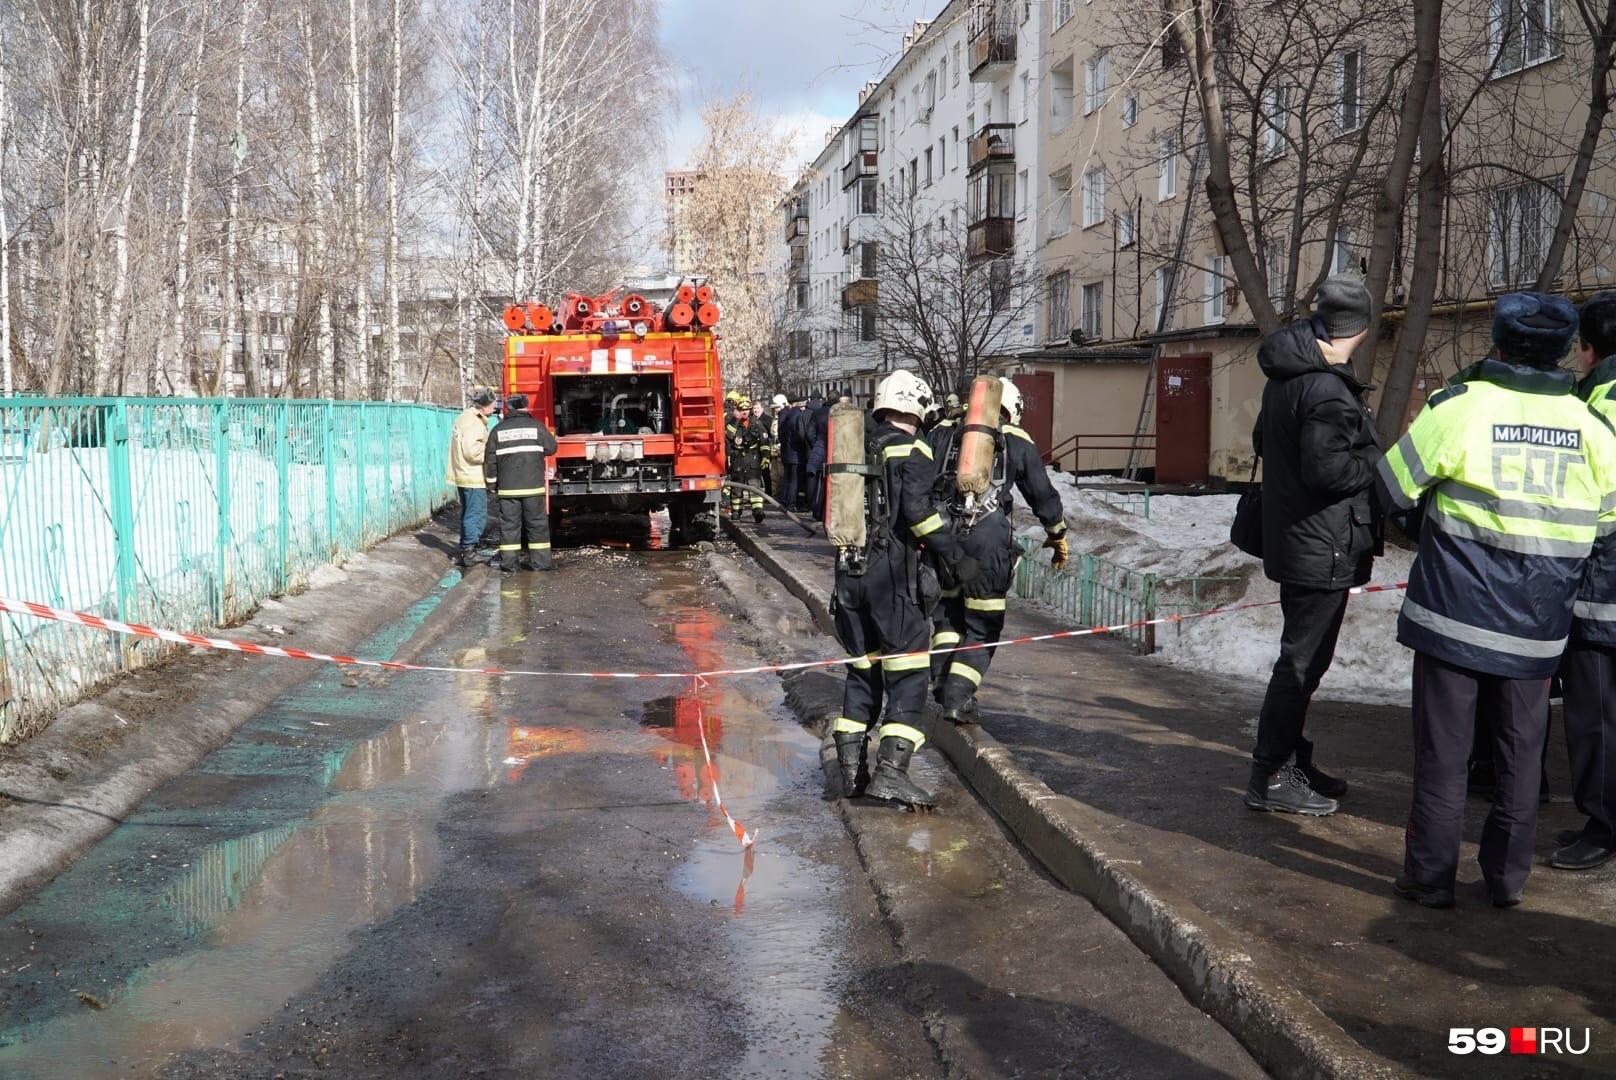 У дома очень много пожарных